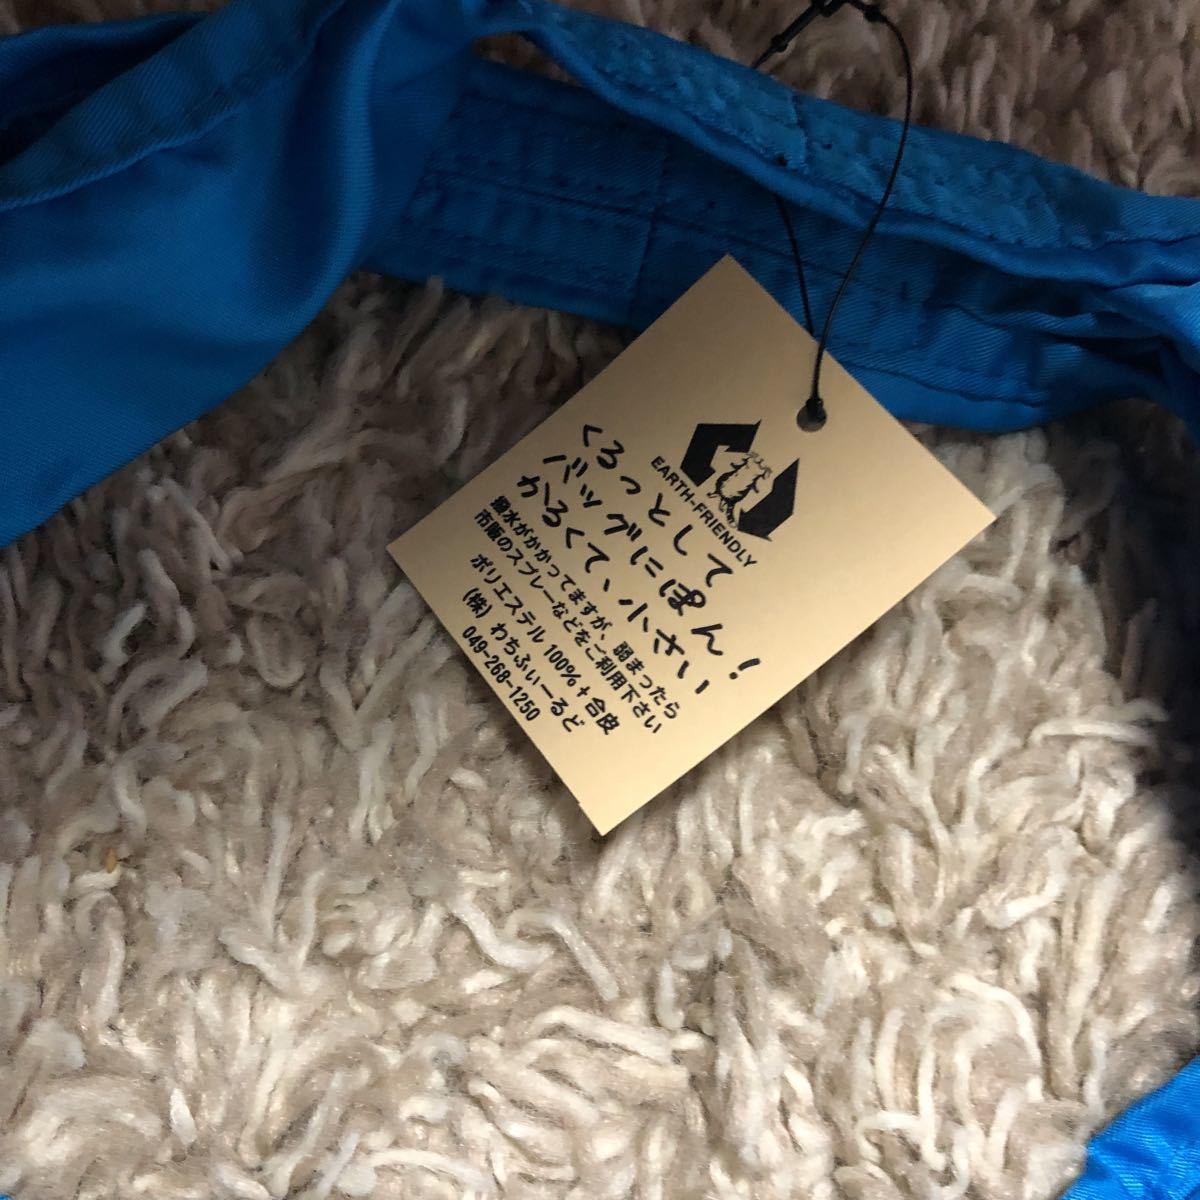 新品 わちふぃーるど 猫のダヤン 6点セット(ハンドタオル×2、缶バッチ、缶ケース、エコバッグ、タペストリー)_画像9